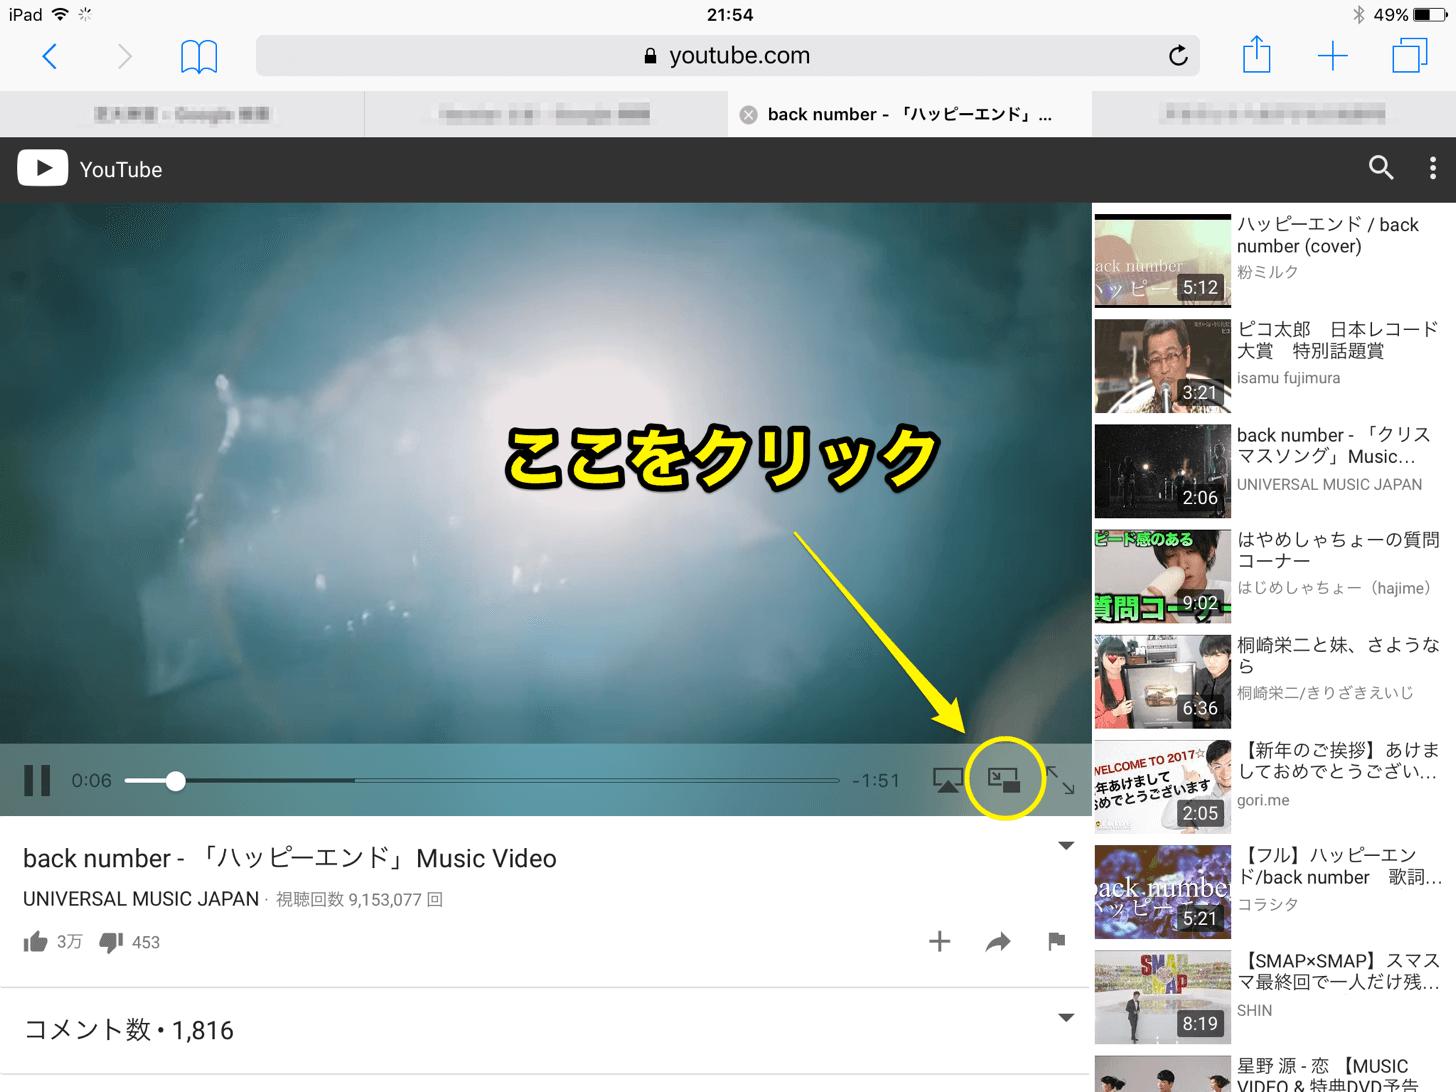 Ipad-ピクチャ・イン・ピクチャ